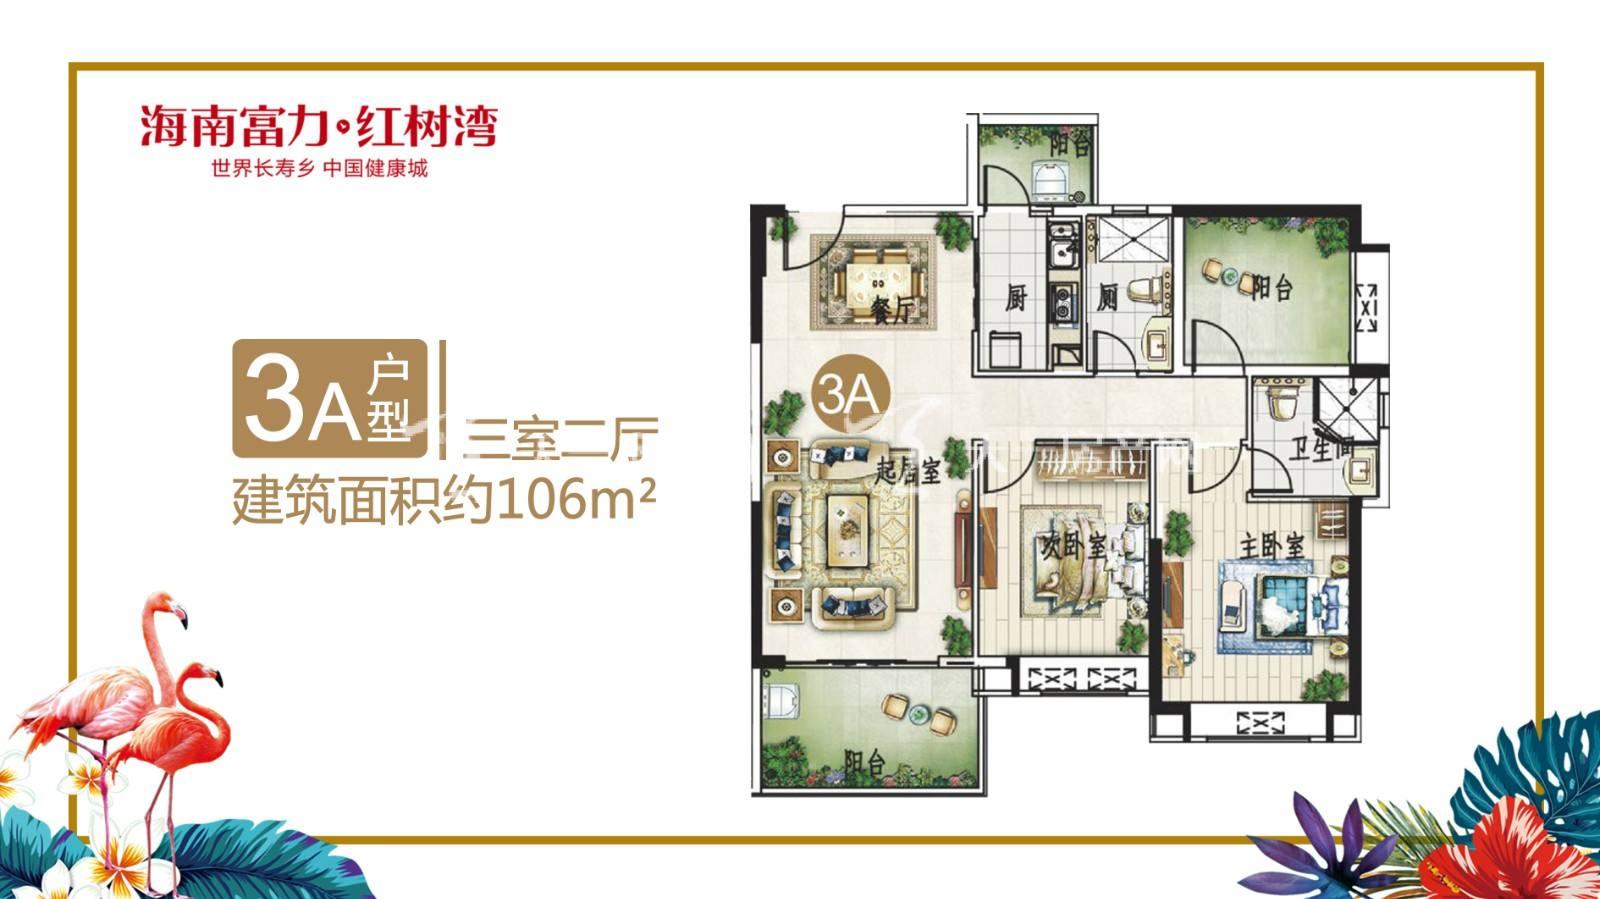 富力红树湾03A户型三室两厅建筑面积106㎡